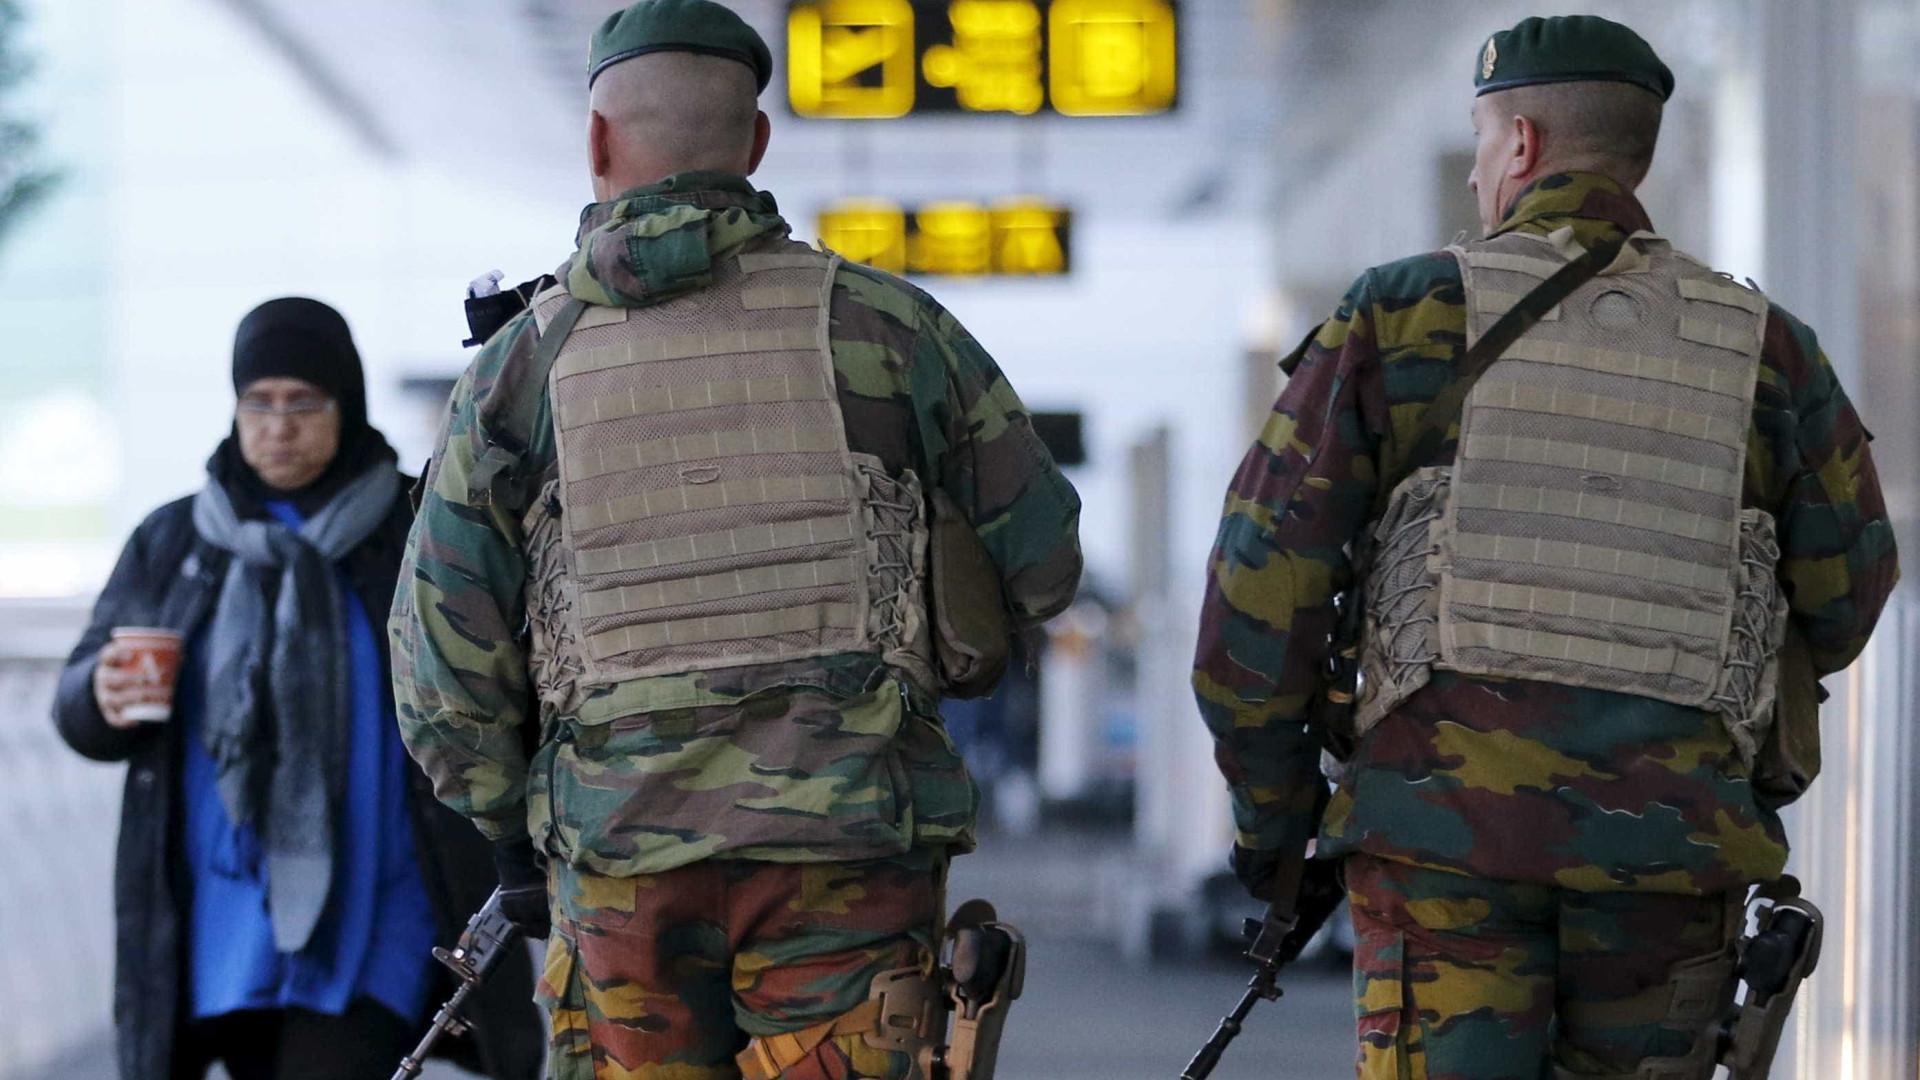 Ministra belga se demite por questões de segurança de aeroporto